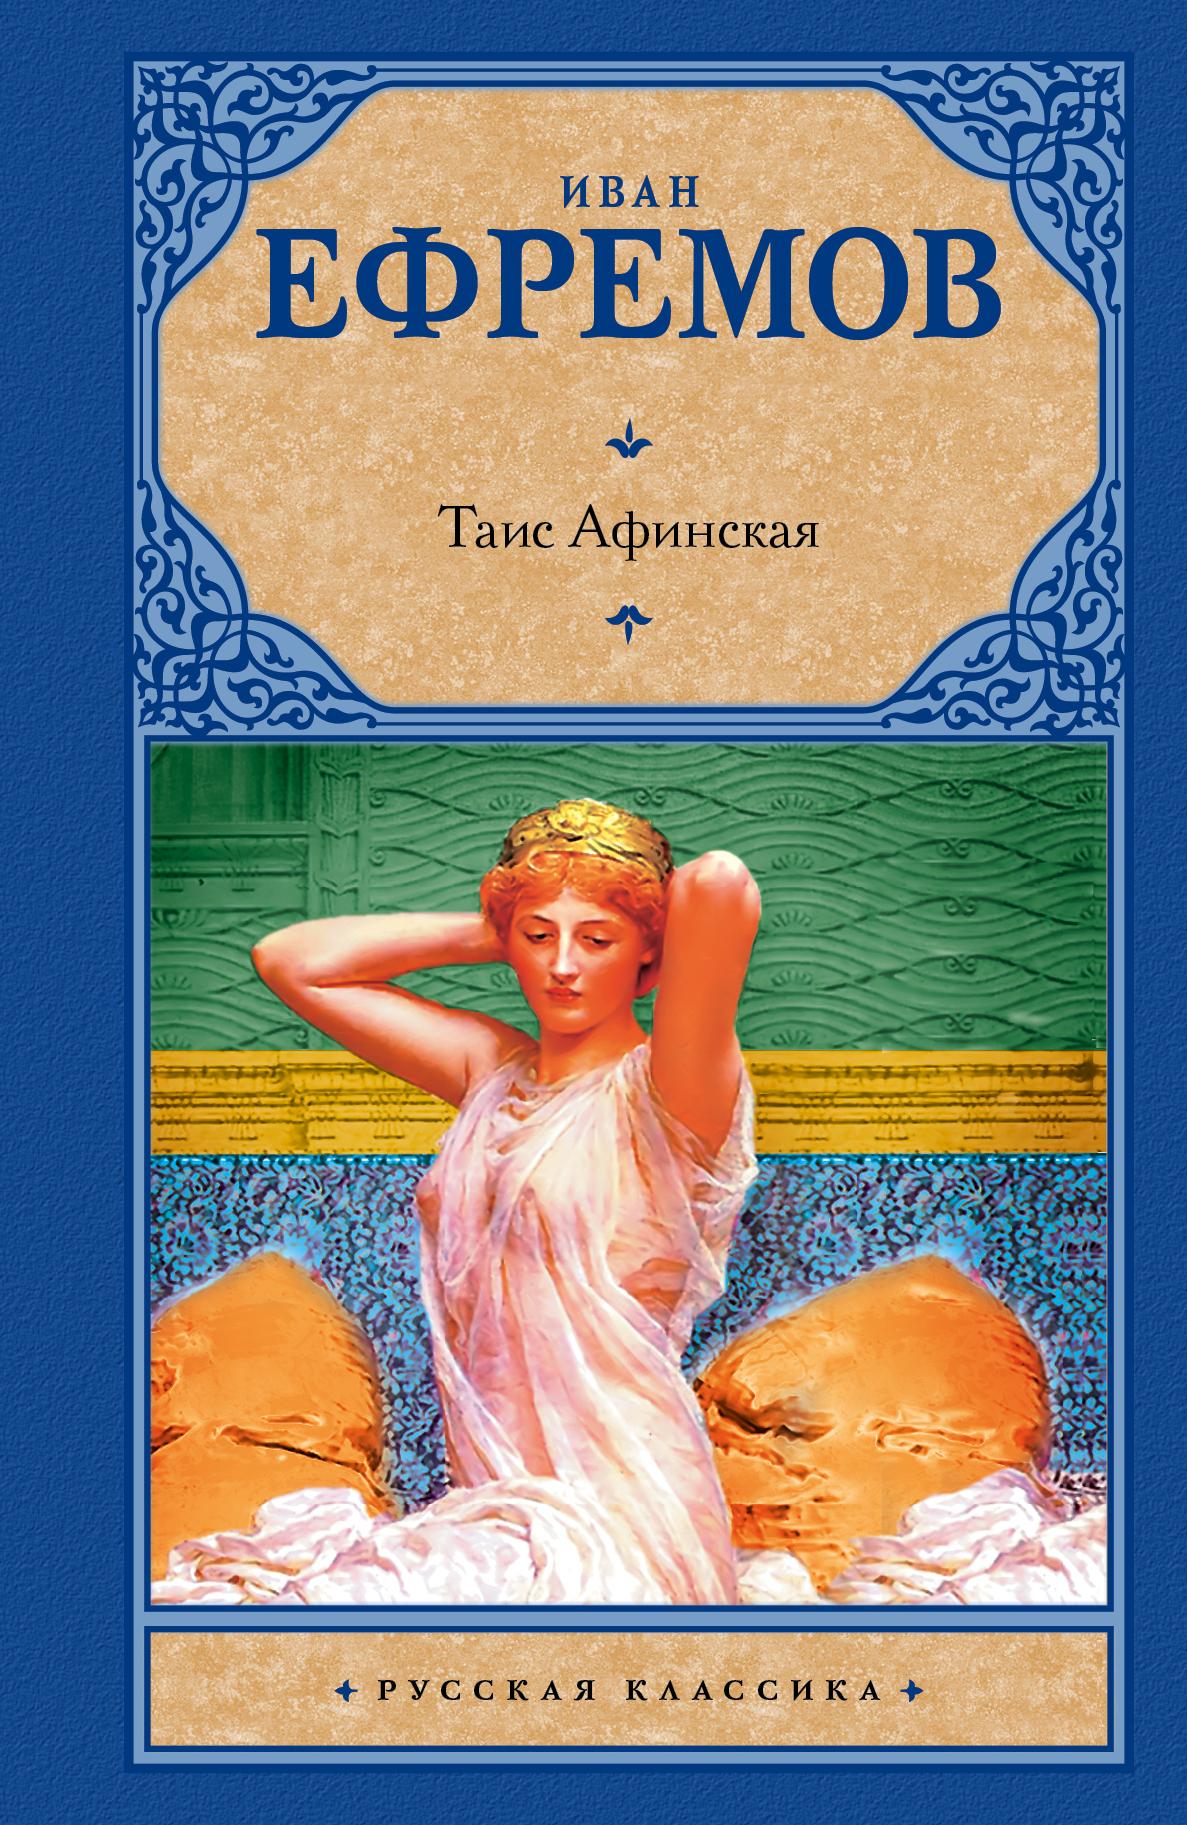 Таис афинская смотреть онлайн 11 фотография